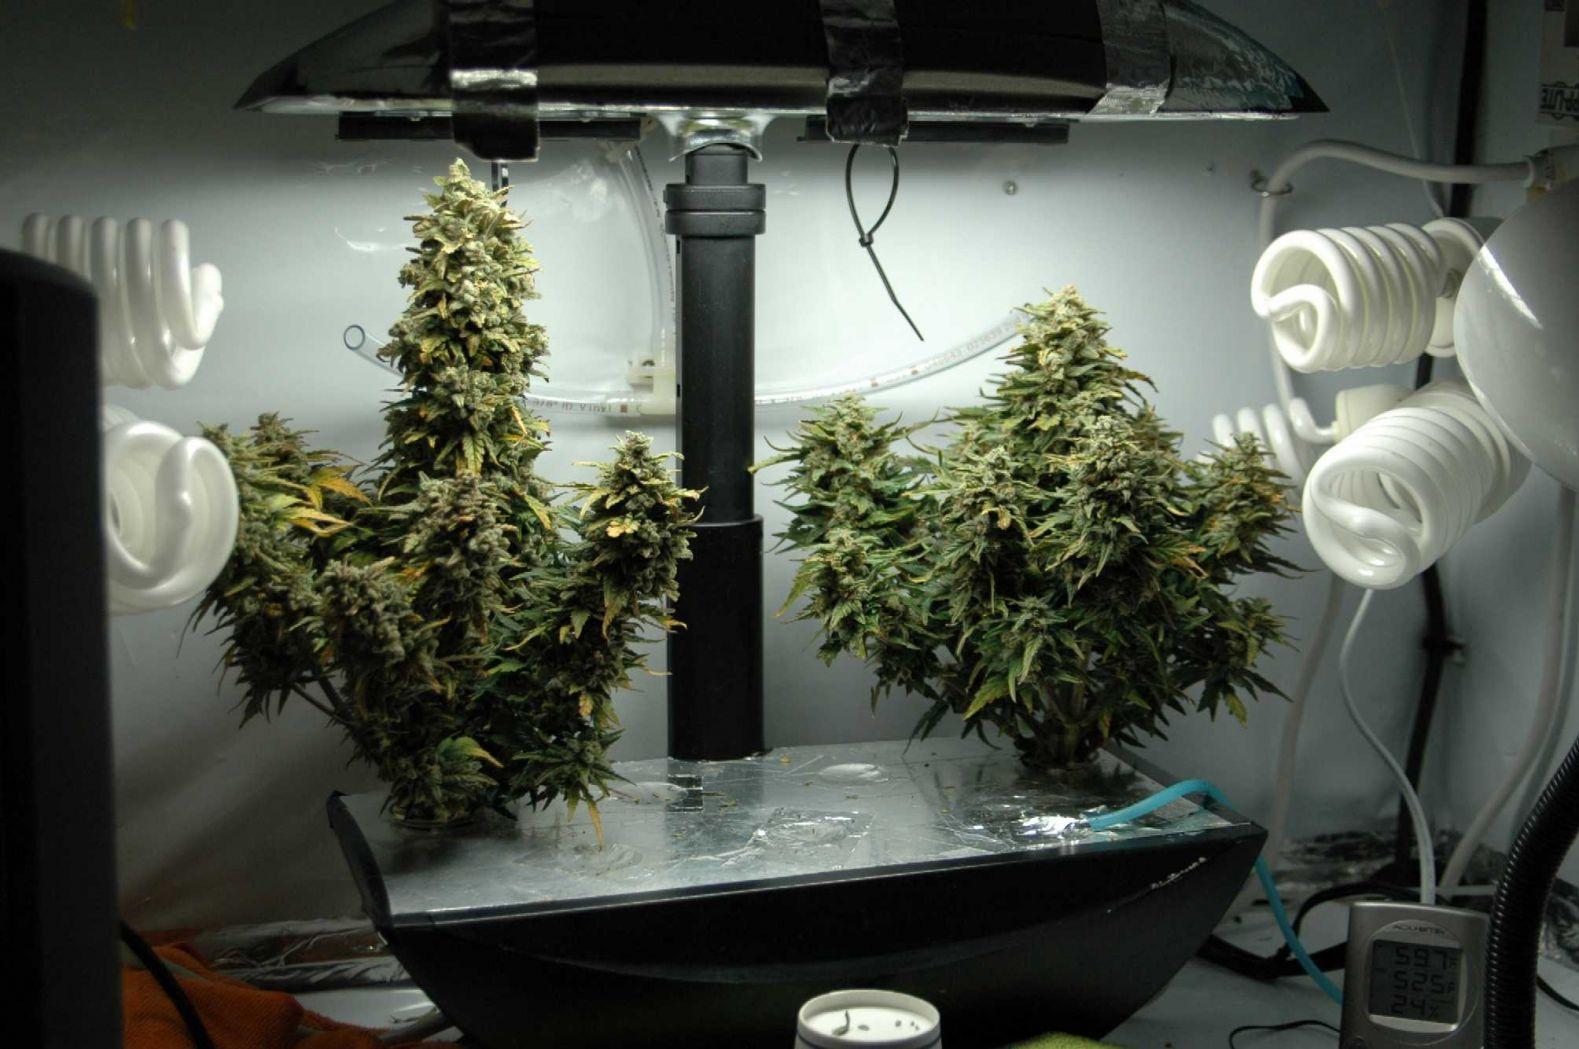 Гидропонная установка своими руками марихуаны слушать фактор 2 марихуана